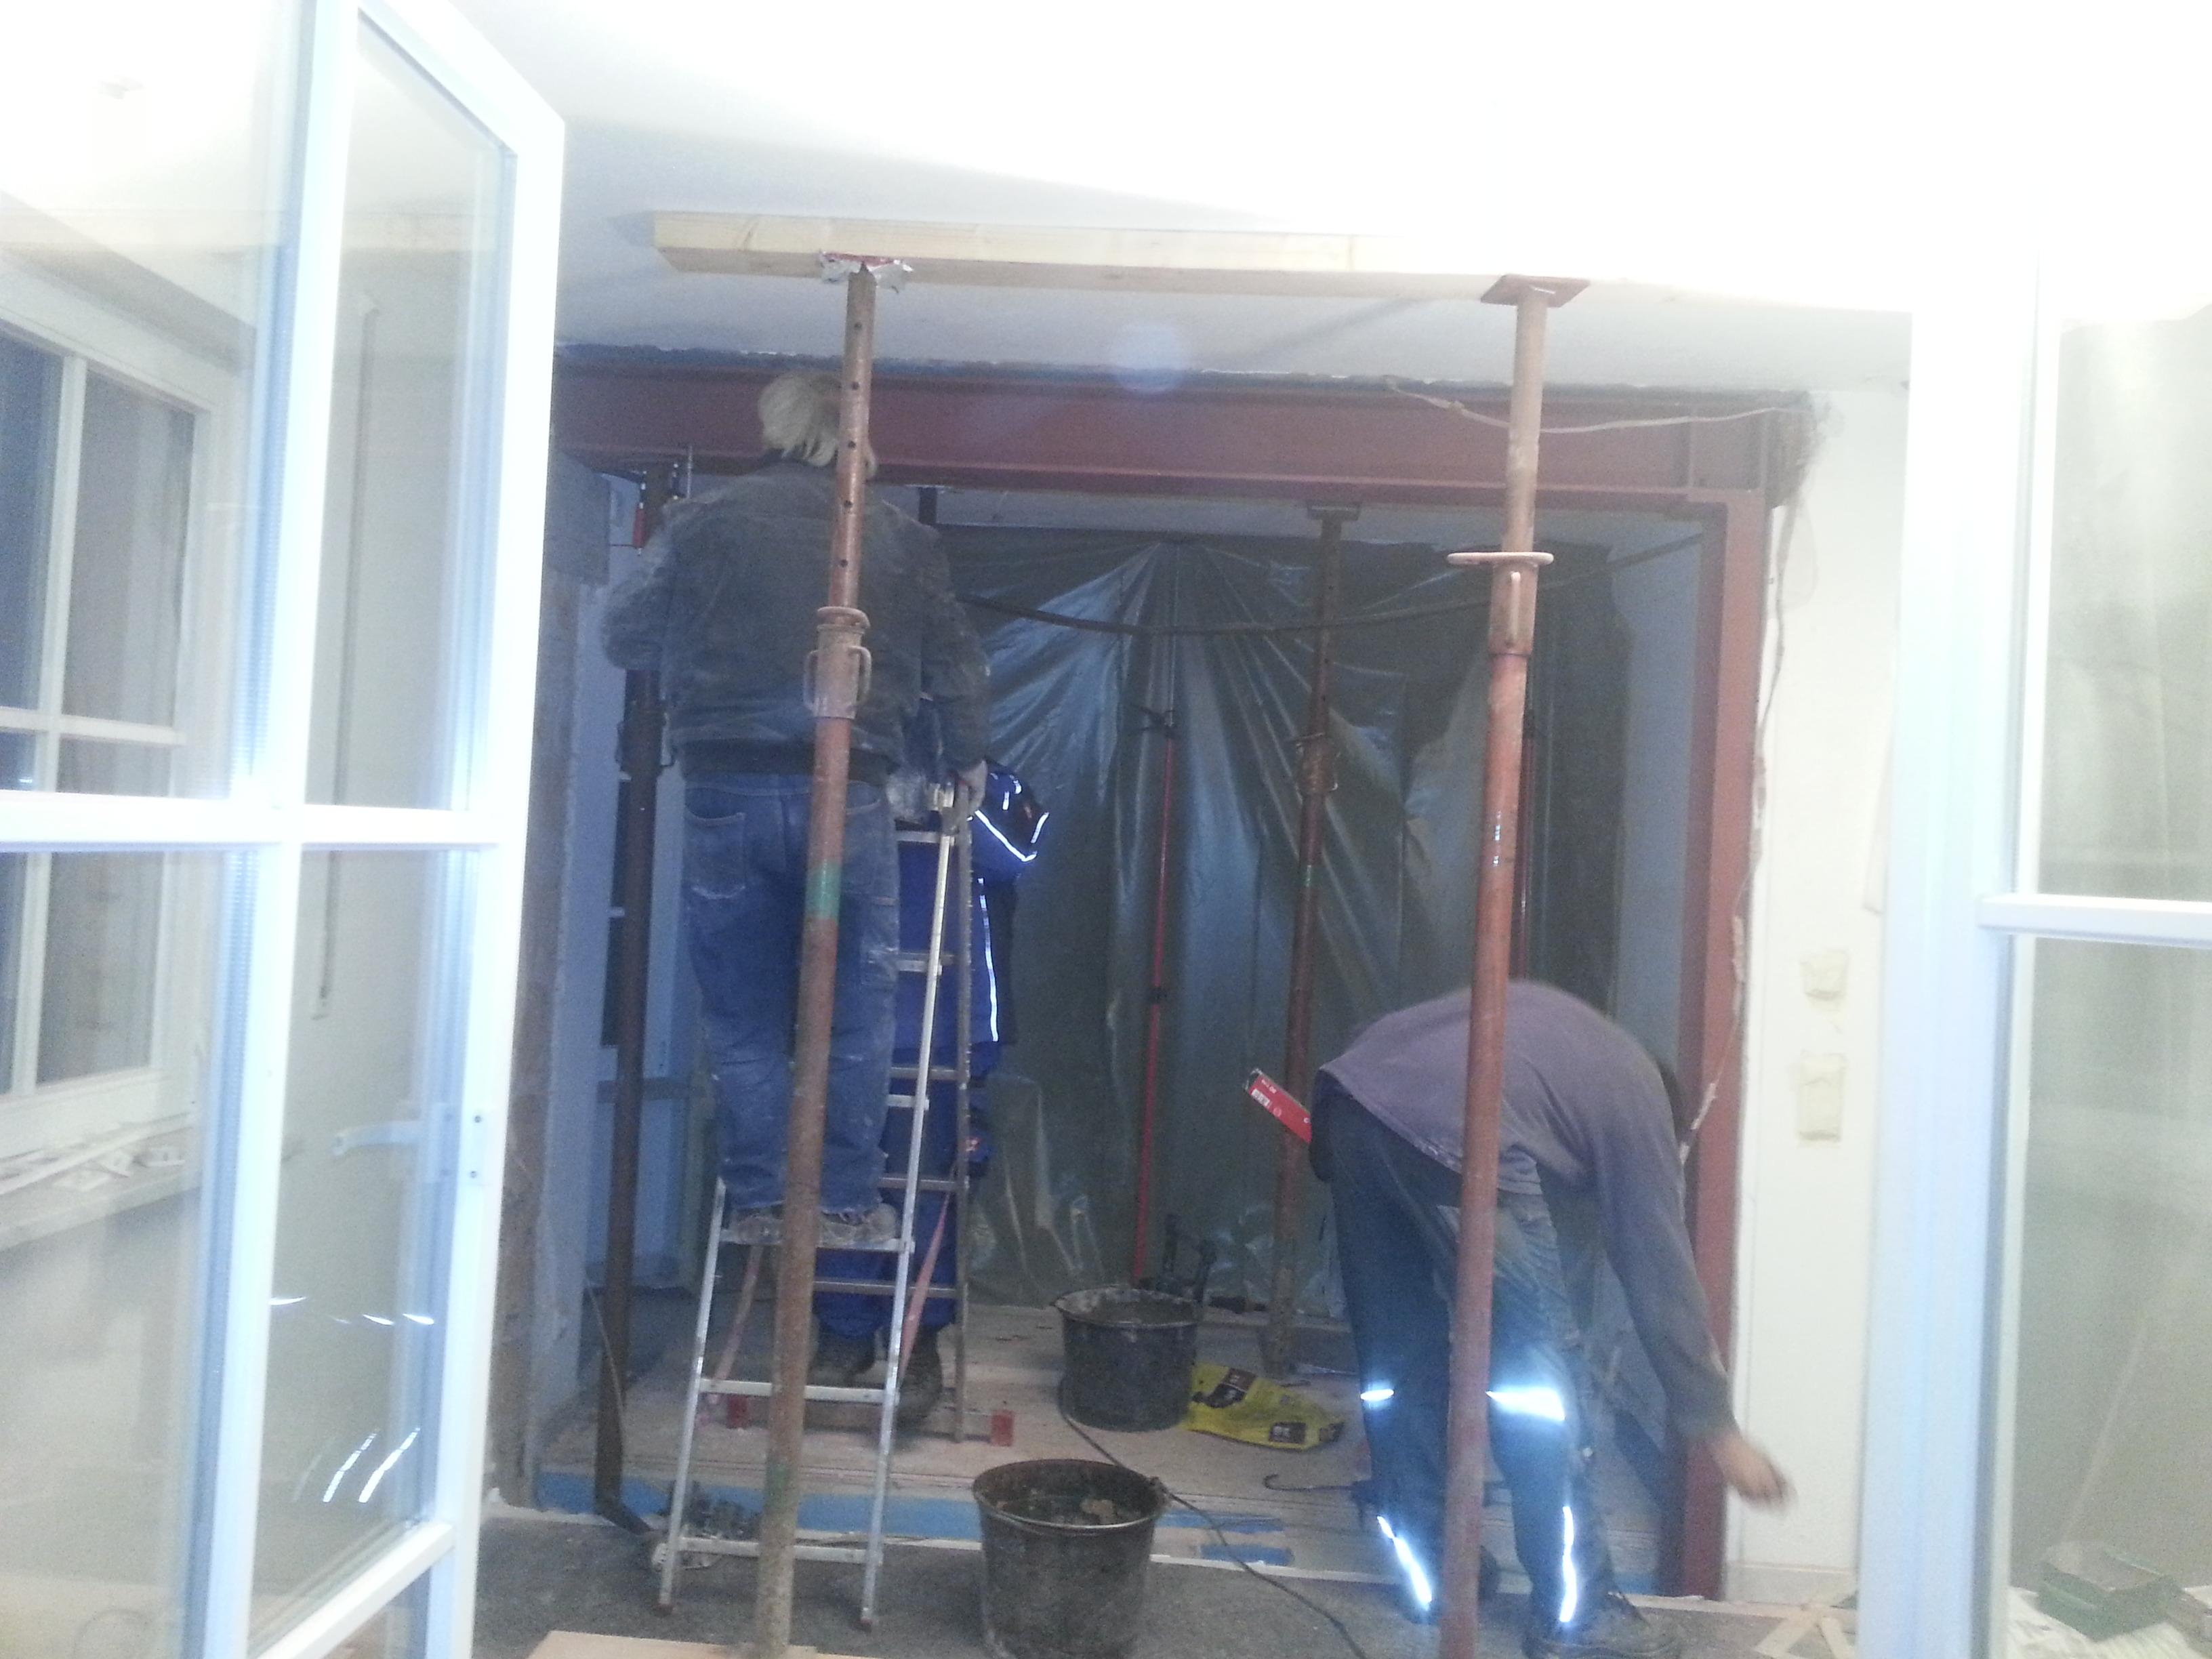 Faszinierend Wanddurchbruch Das Beste Von Wir Bieten Ebenfalls Eine Umgestaltung Der Räume,